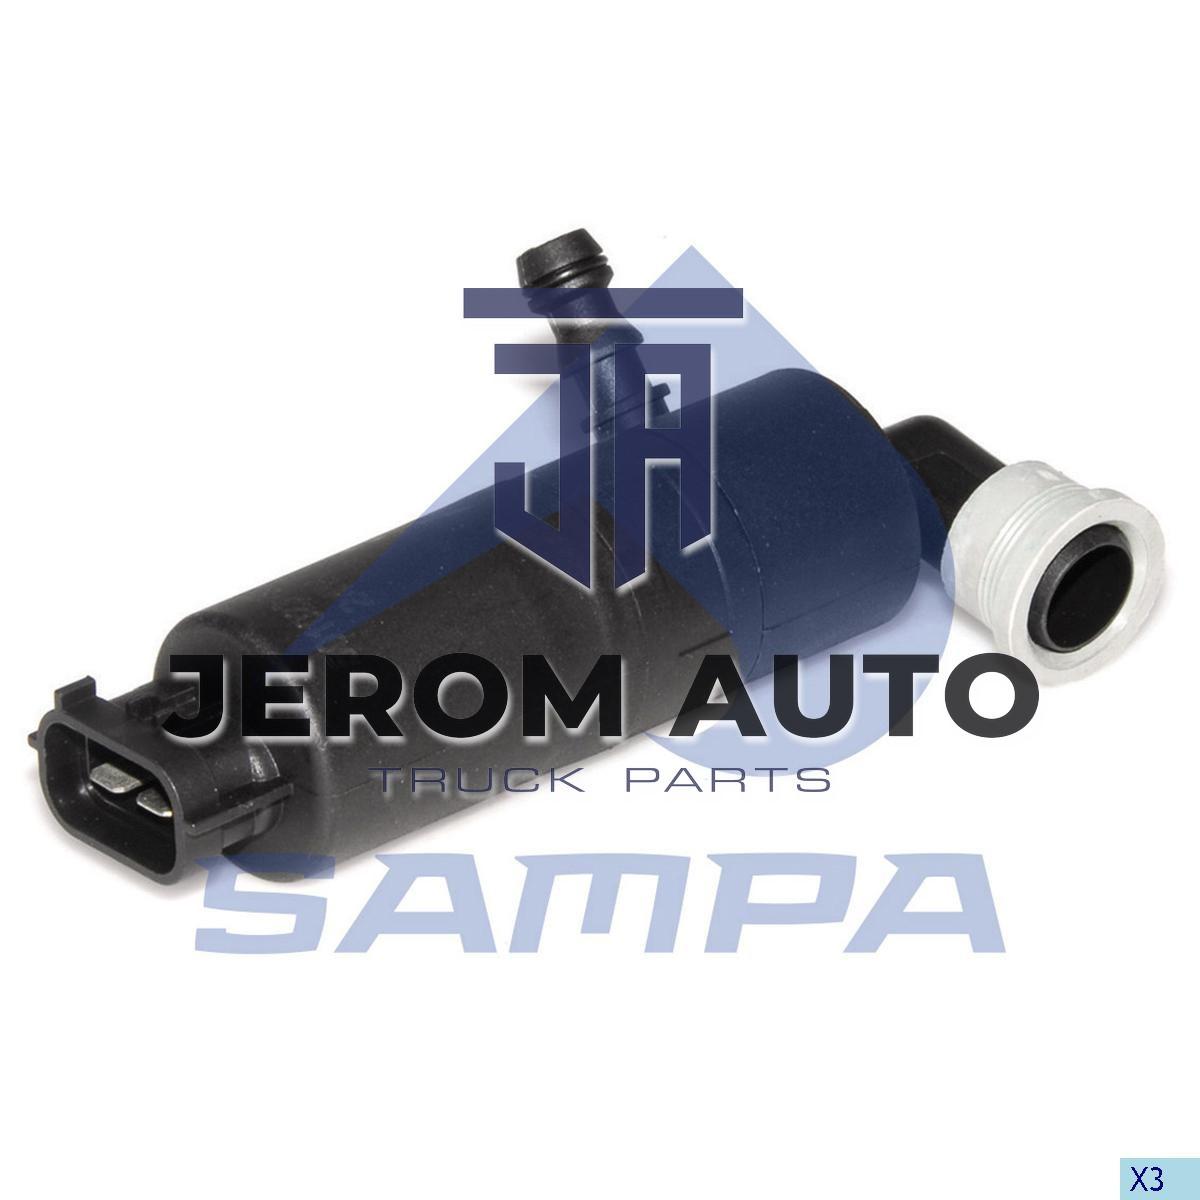 Мотор стеклоочистителя фары Renault \5010231870 \ 078.019